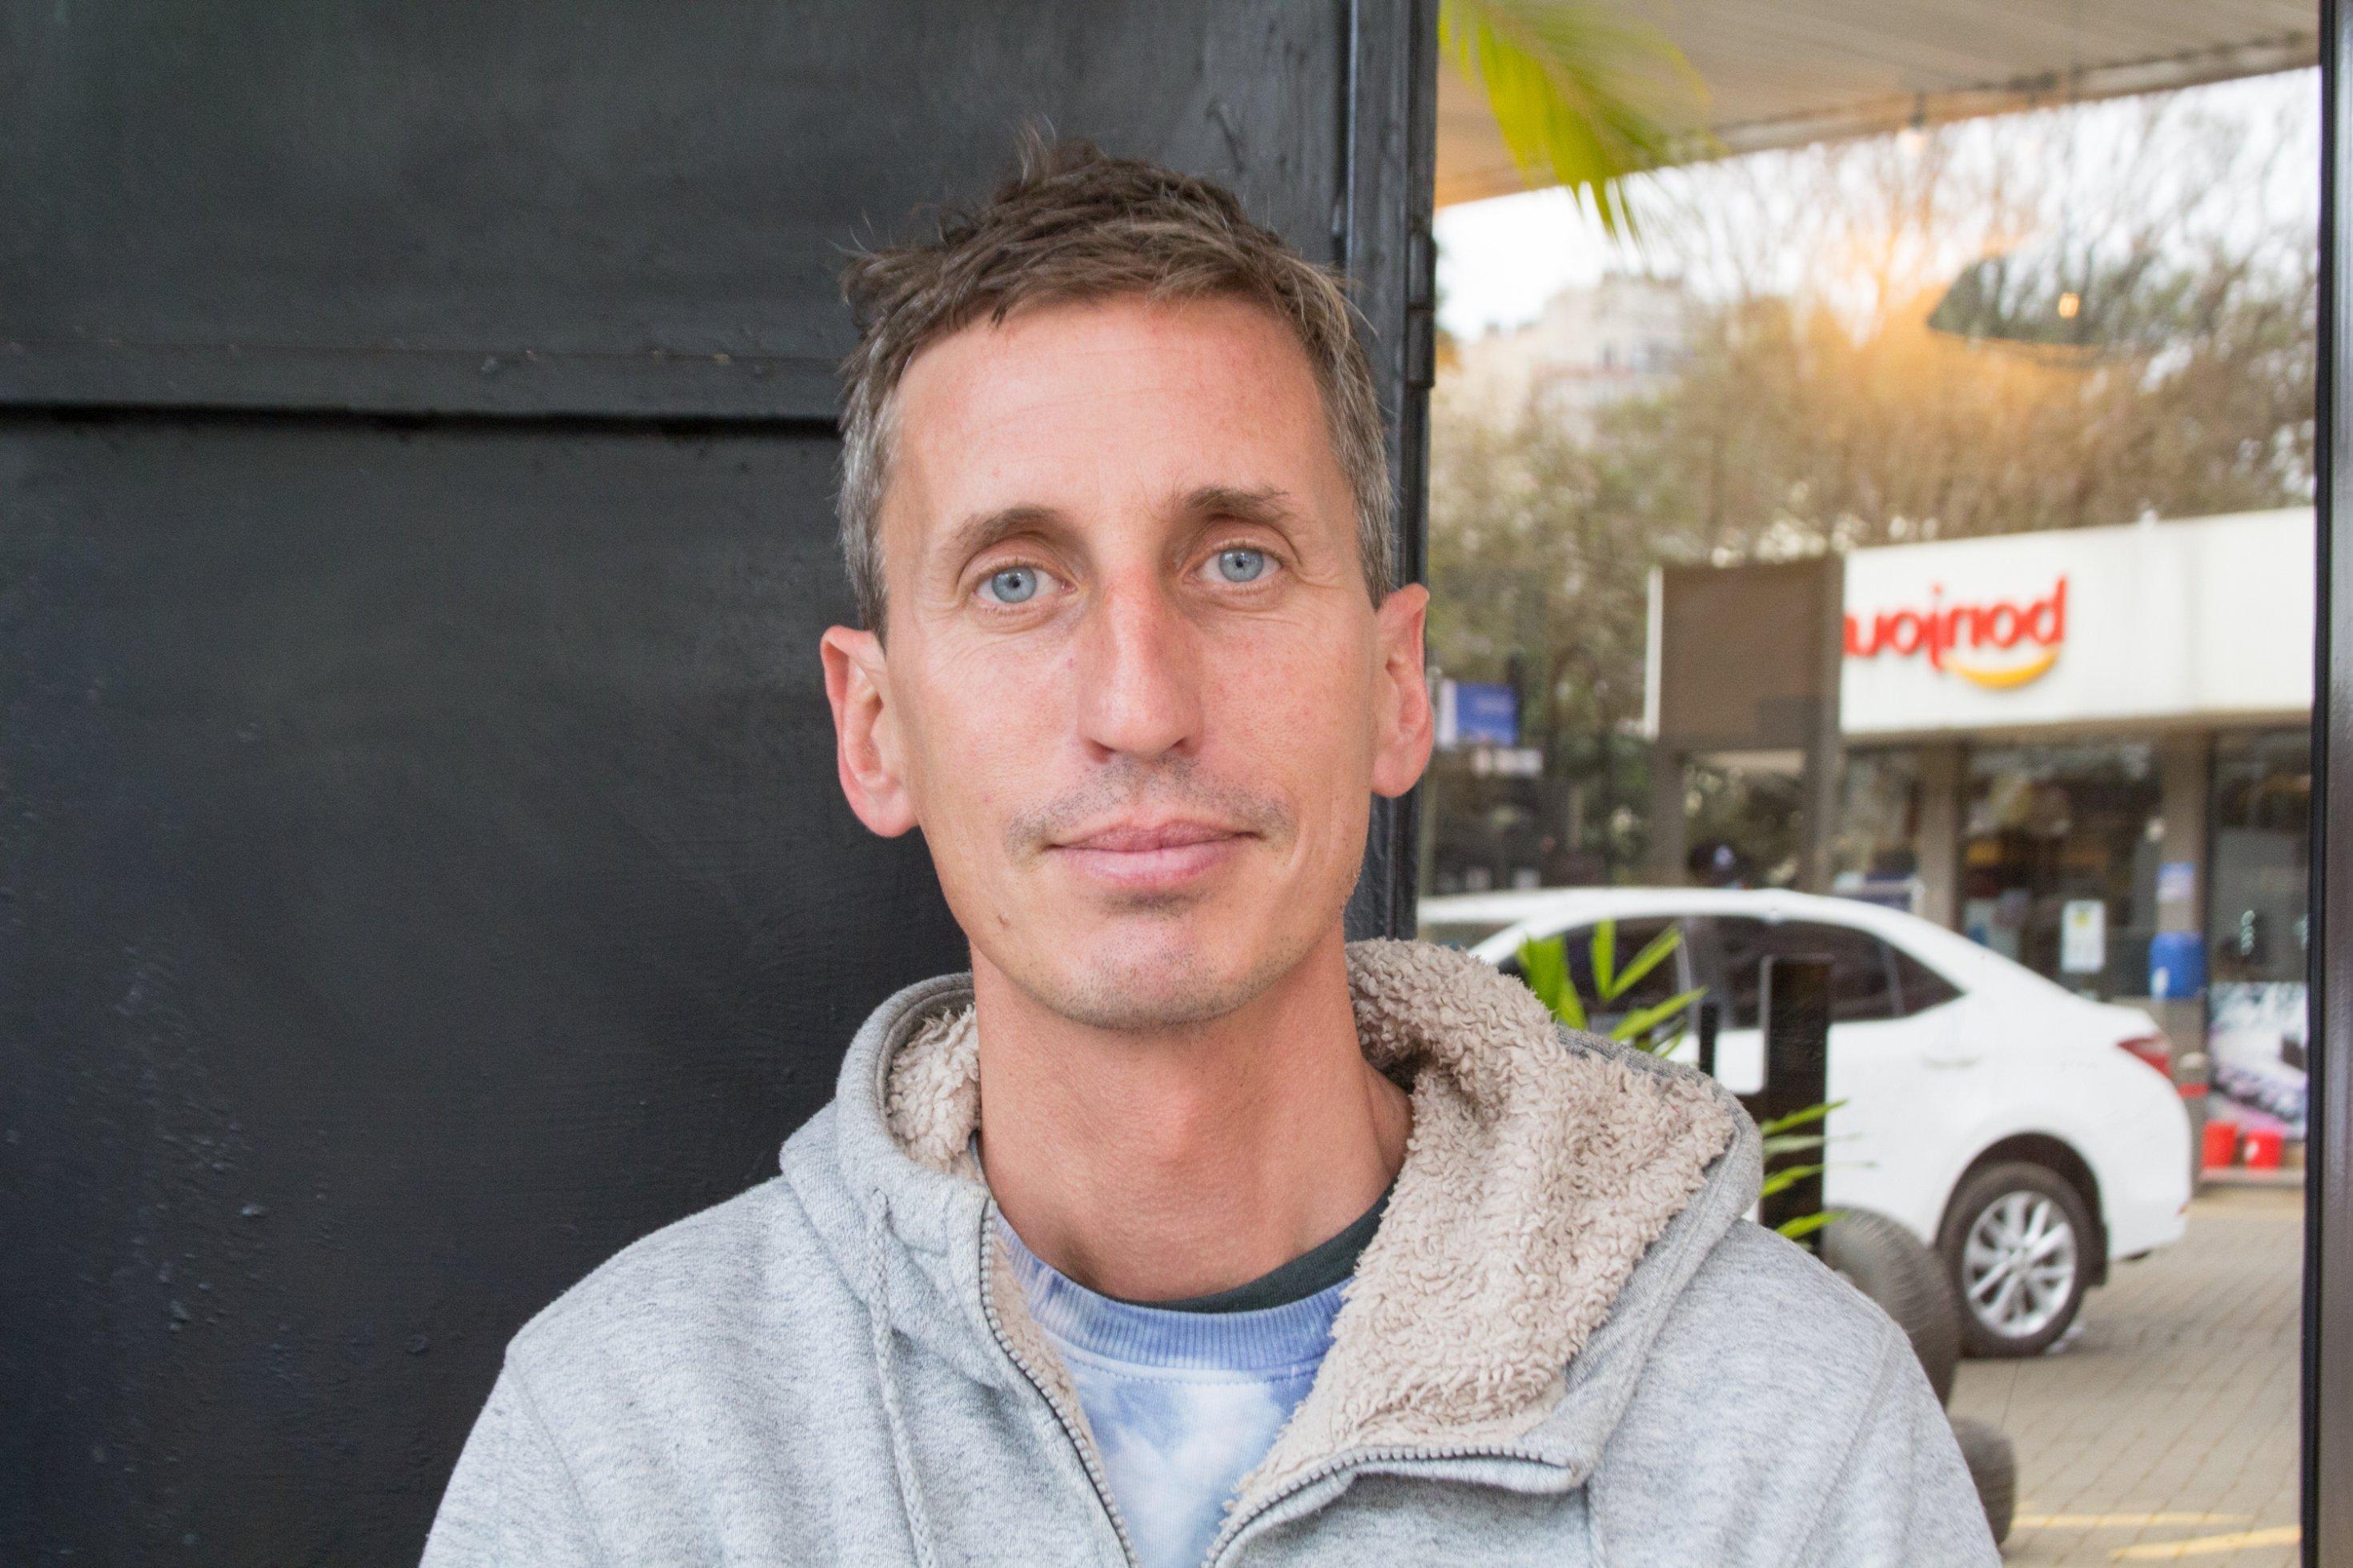 Ein Porträt von Sam Hopkins, einem Mann Ende 30, er trägt einen grauen Kapuzenpulli. Im Hintergrund spiegelt sich eine Tankstelle.